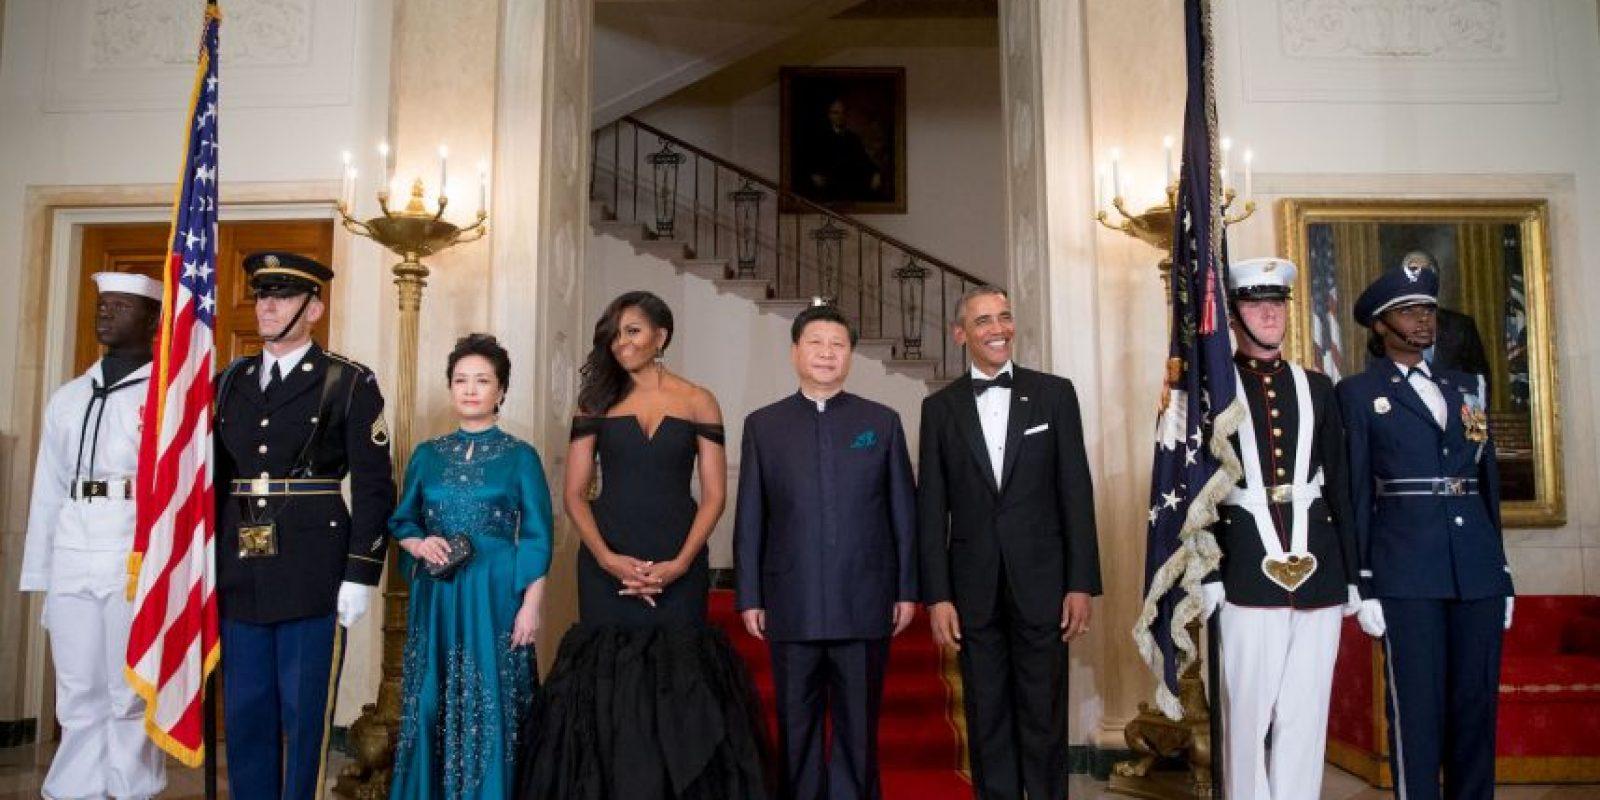 Los cuatro hicieron una gran entrada antes de la cena Foto:AP